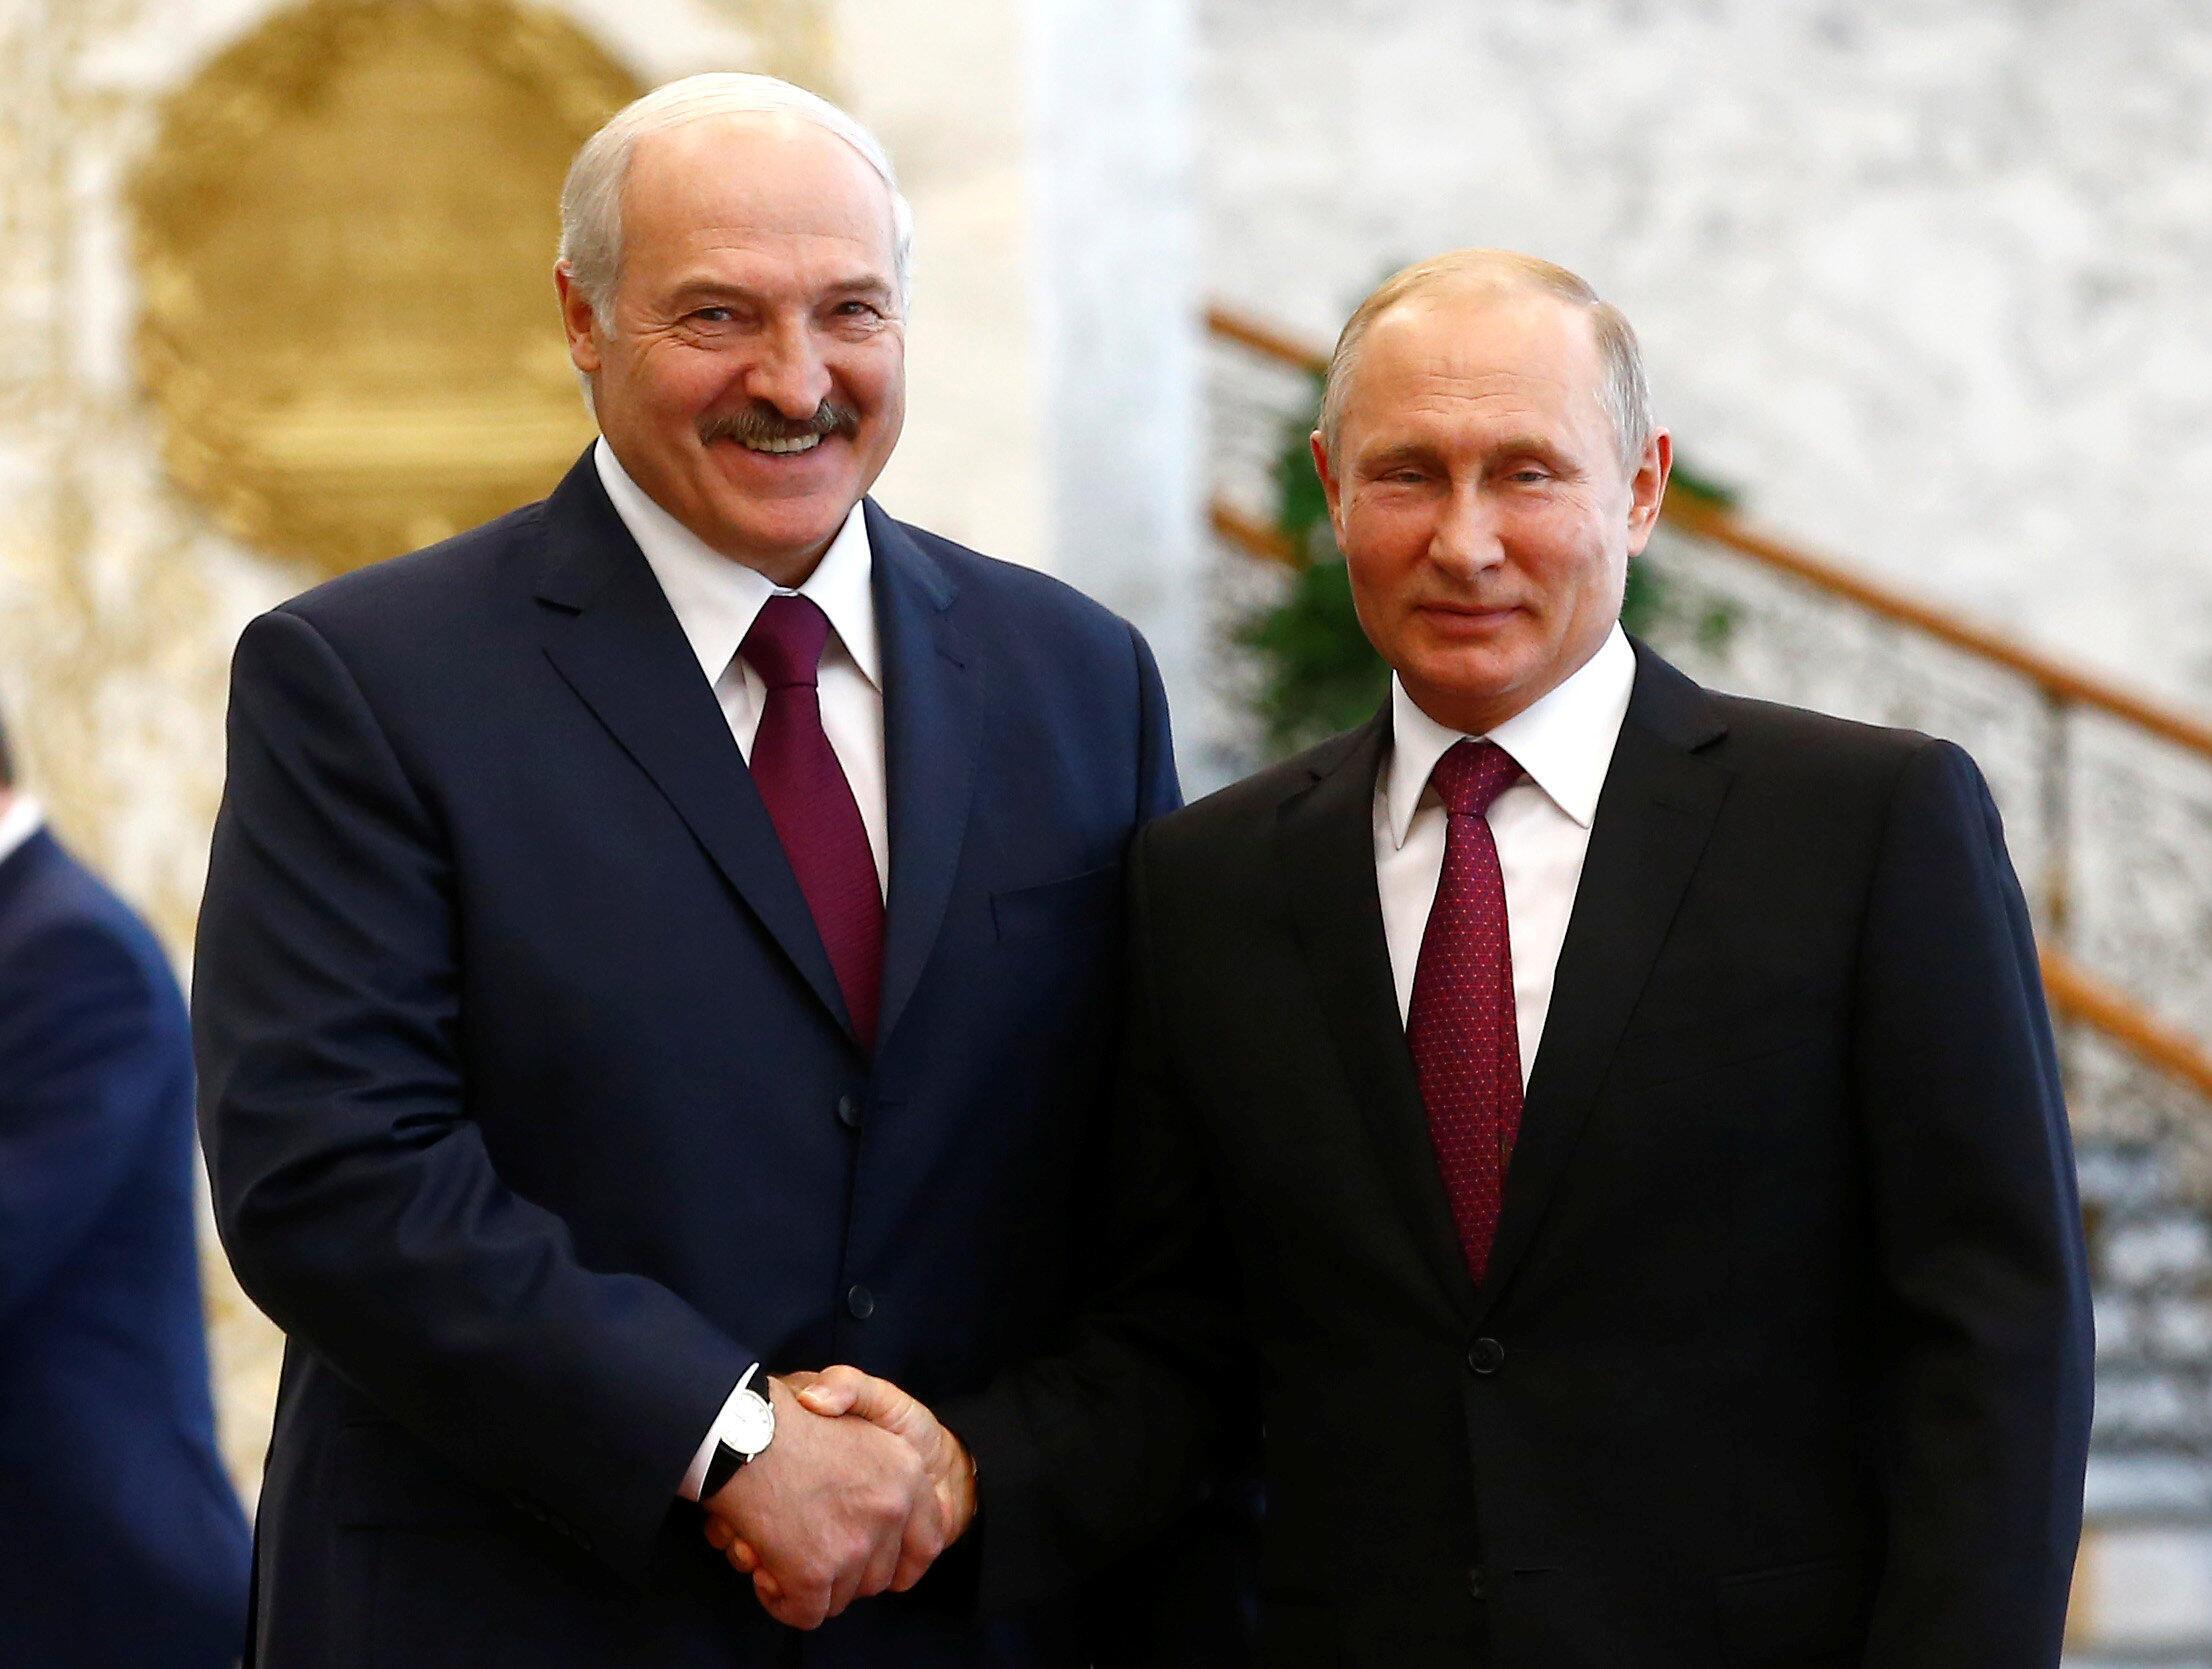 На последнем заседании Высшего госсовета Союзного государства Лукашенко и Путин заявили о готовности к укреплению и развитию стратегического партнерства